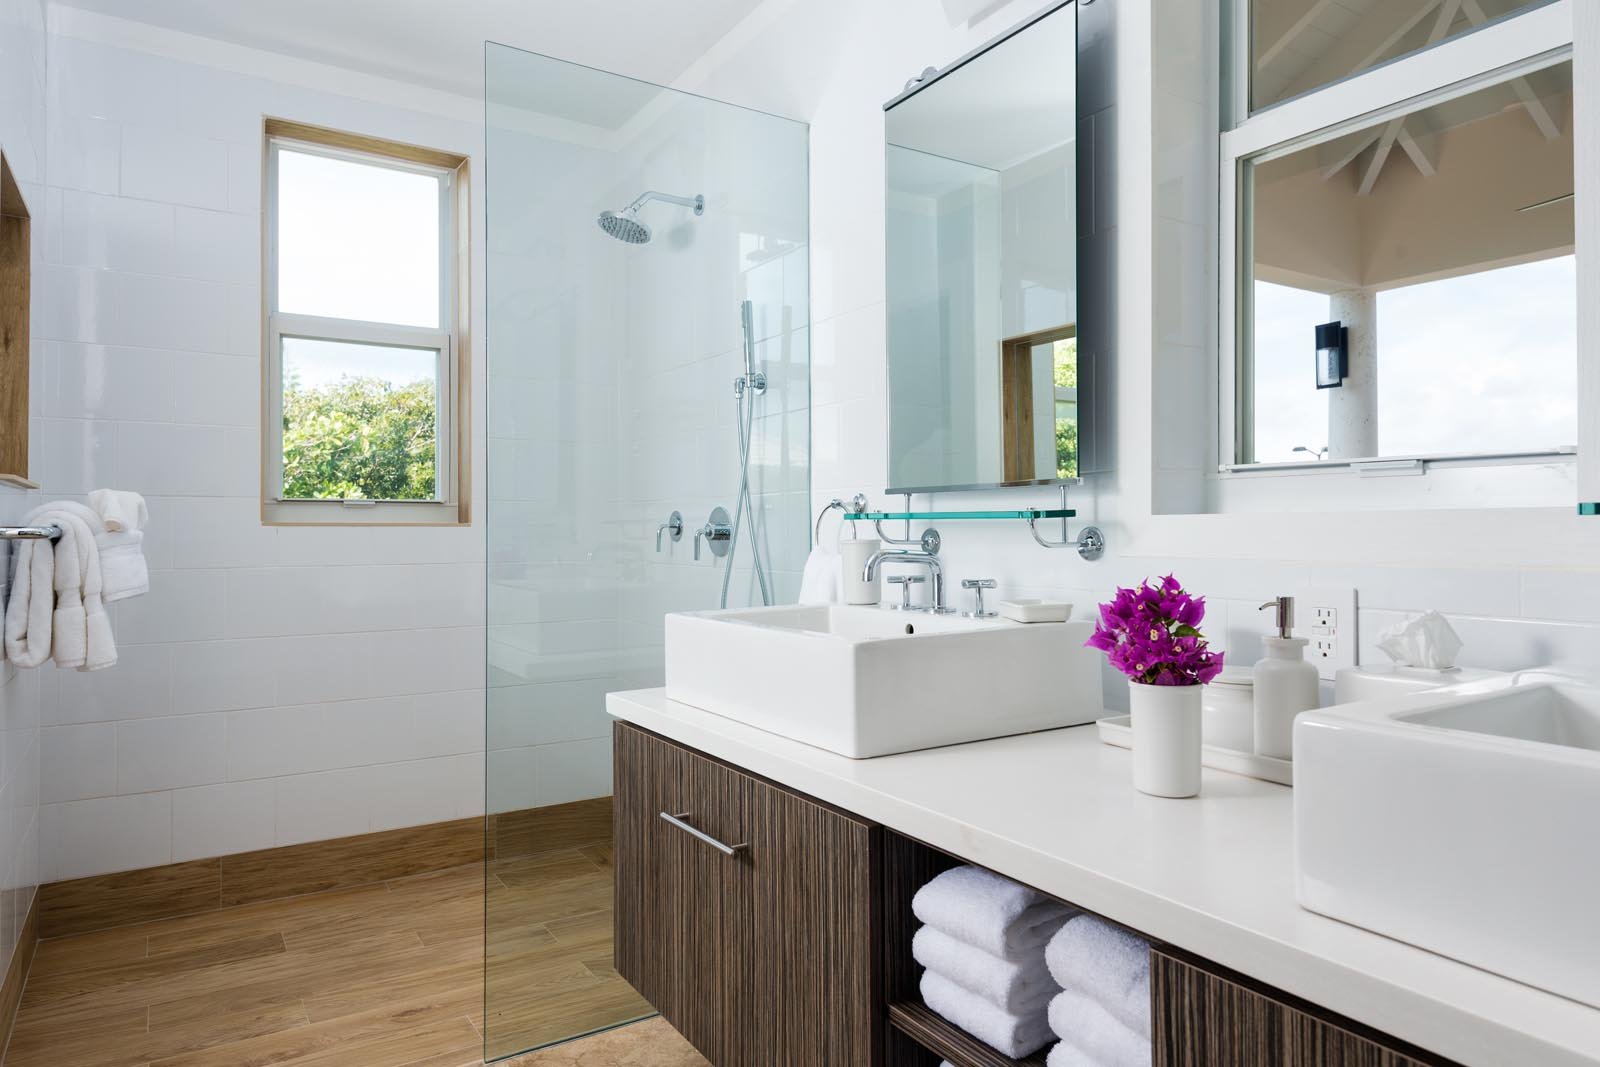 Each master bedroom has a private, ensuite bathroom at Villa Isla, Long Bay Beach, Providenciales (Provo), Turks and Caicos Islands